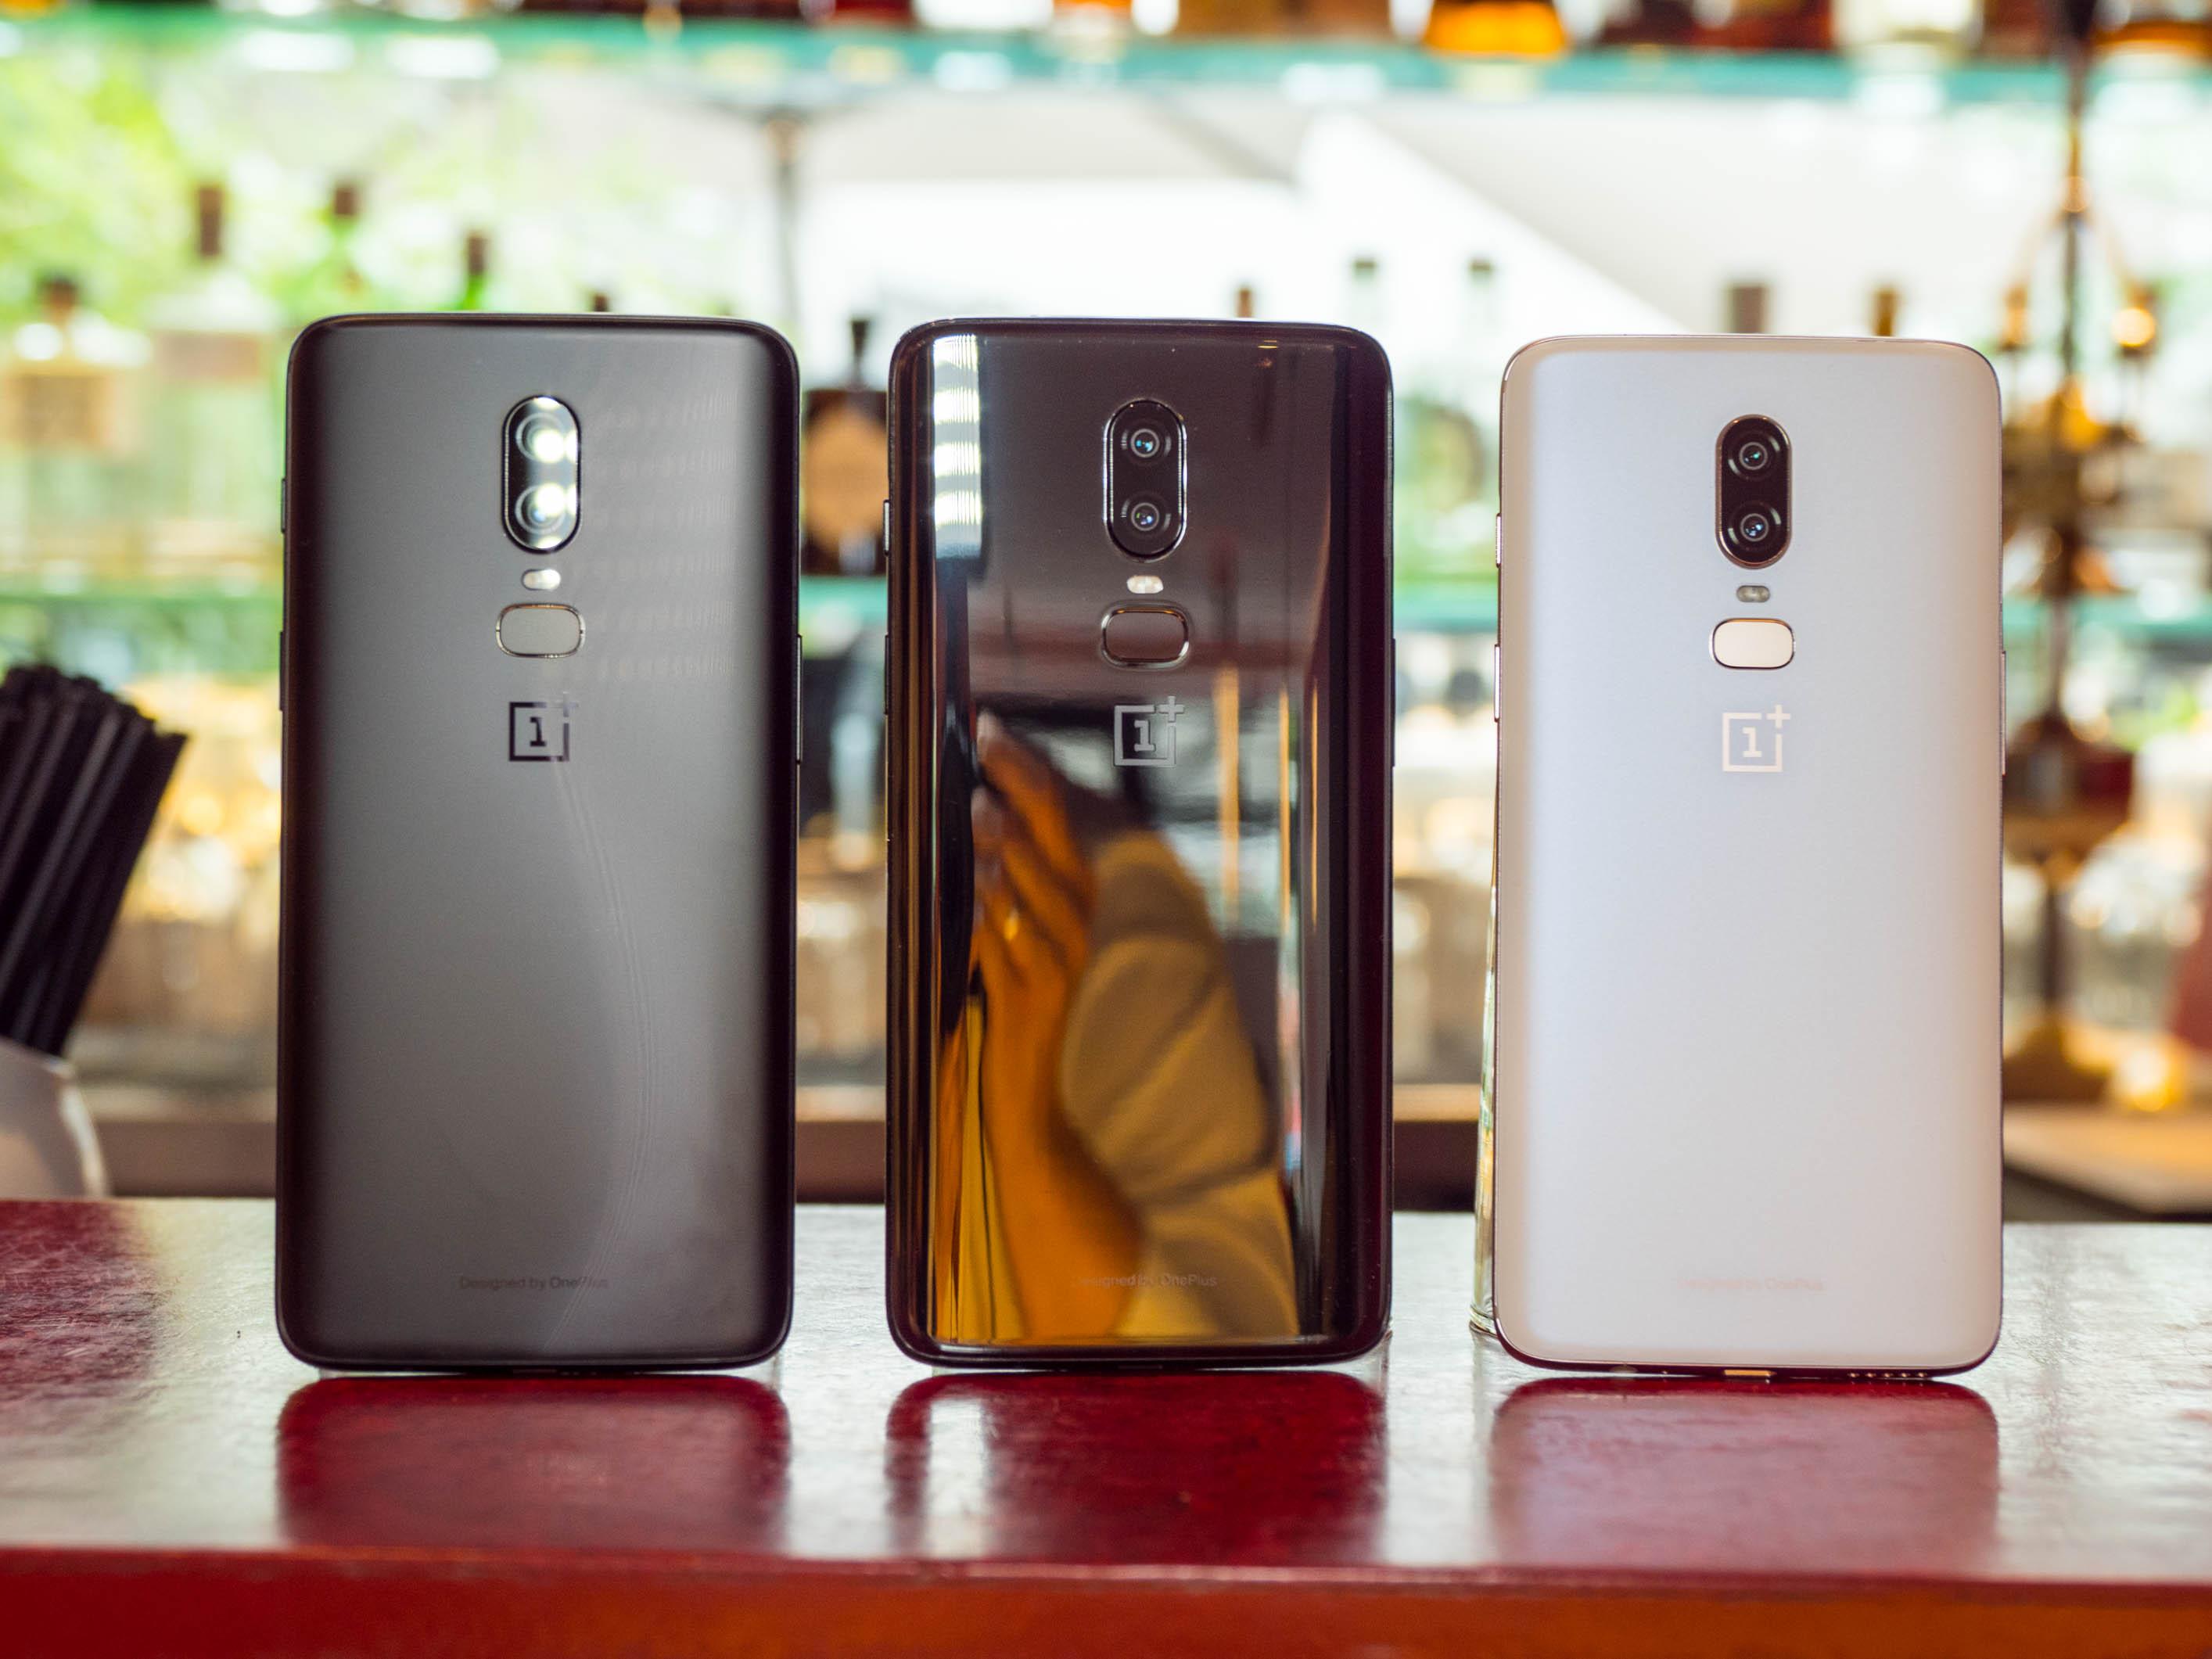 Android-Smartphone: Neues Oneplus 6 kostet ab 520 Euro - Links das Oneplus 6 in Midnight Black, in der Mitte in Mirror black, rechts in Silk White (Bild: Martin Wolf/Golem.de)